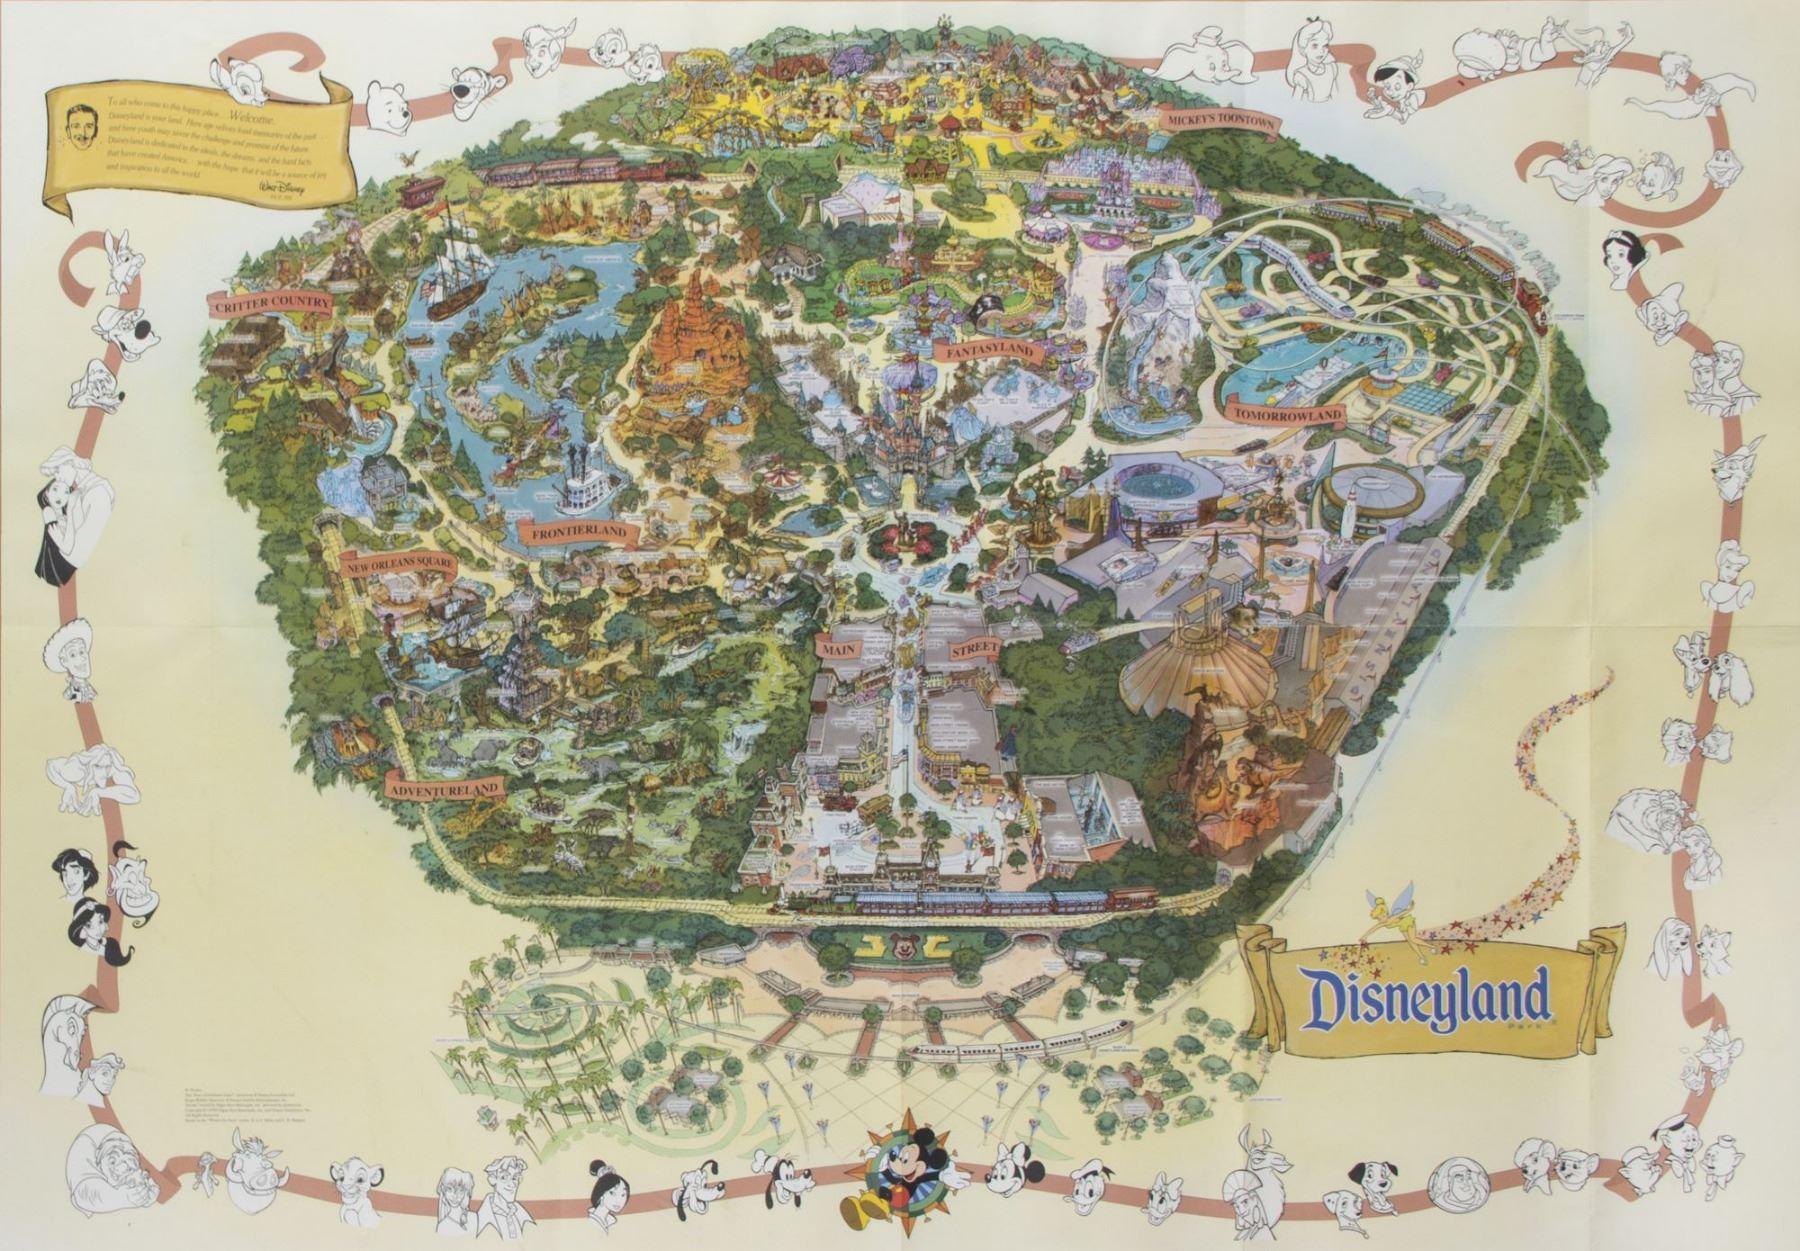 Disneyland Park Map Disneyland Park Map   1999. Disneyland Park Map